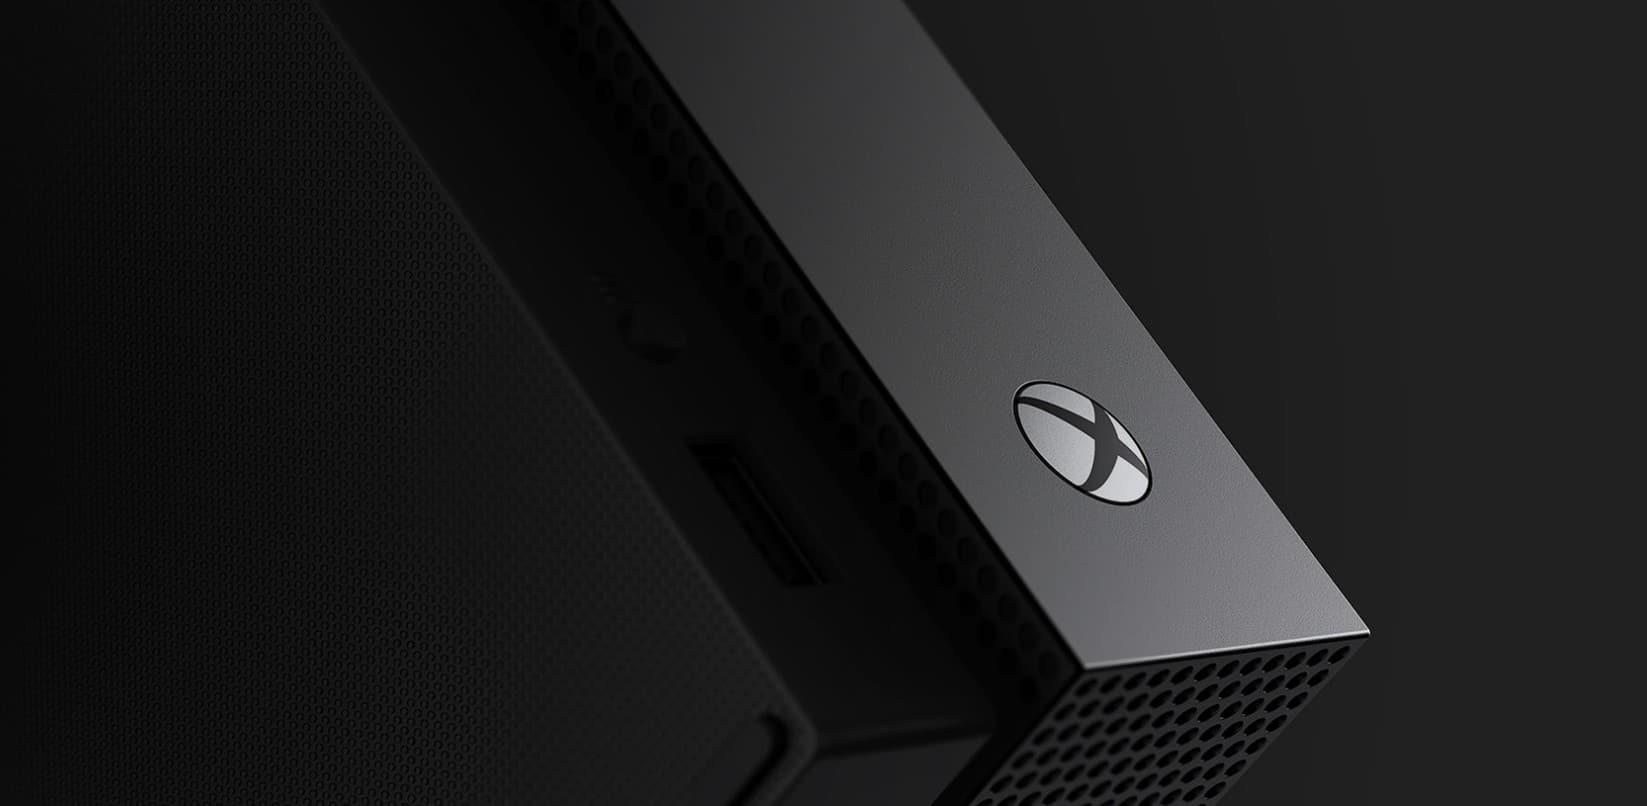 Xbox One X: Brauchen wir den Konsolen-Muskelprotz überhaupt?